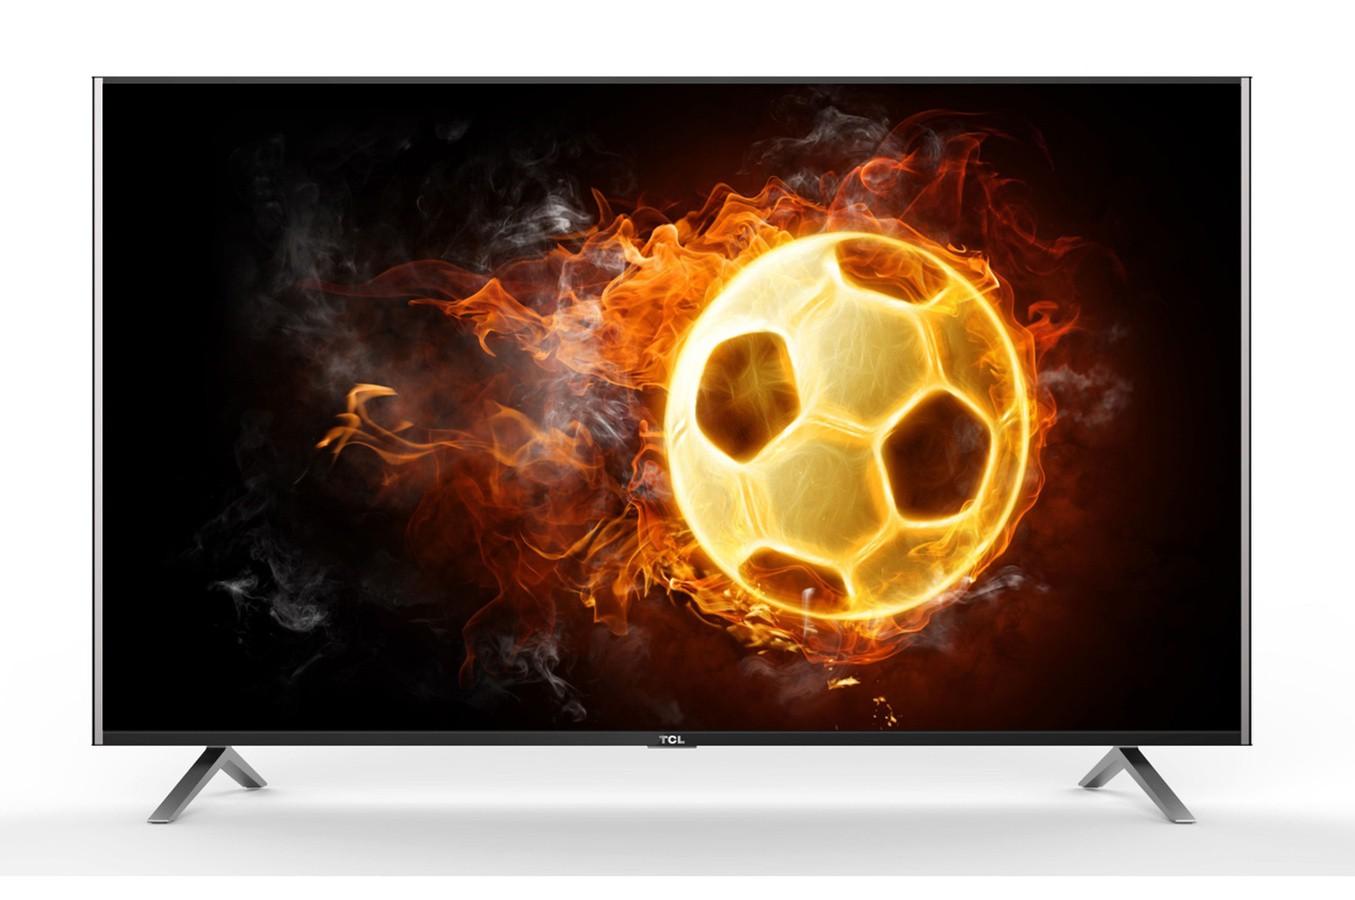 6f52f87ed5e1 Un bon TV à moins de 600 €   un véritable challenge   - Les Numériques